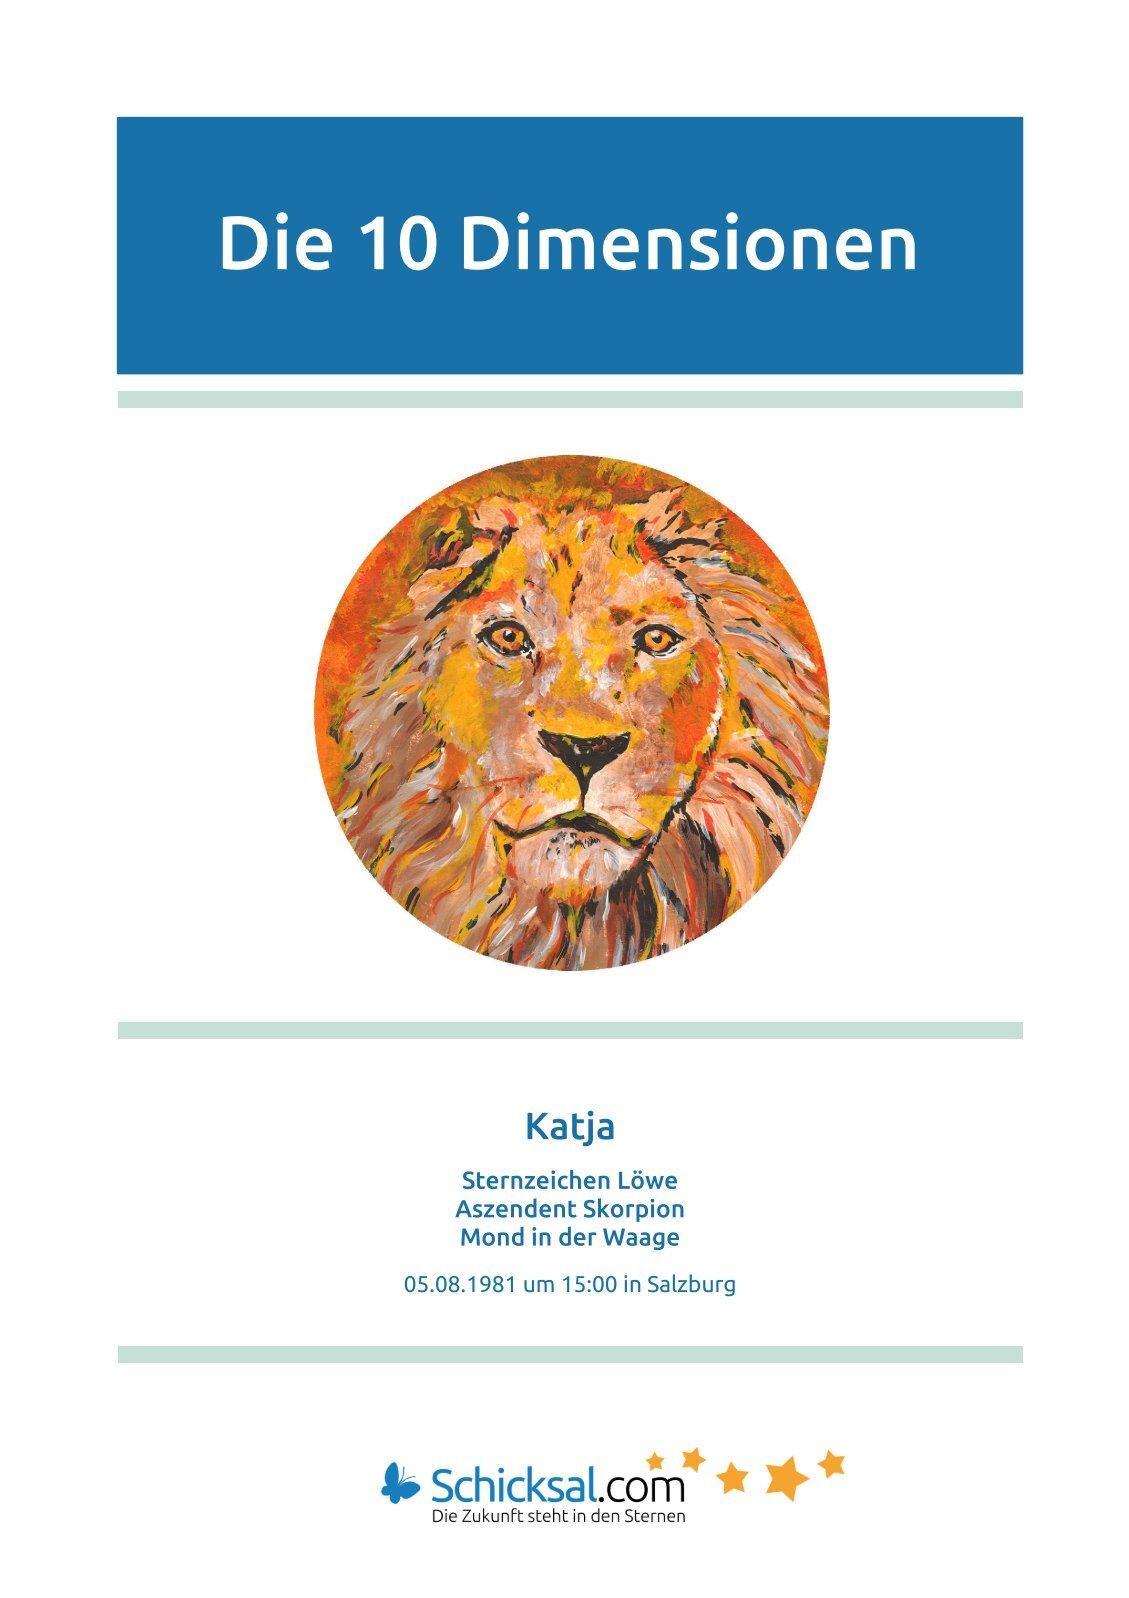 Löwe - Die 10 Dimensionen - Horoskop